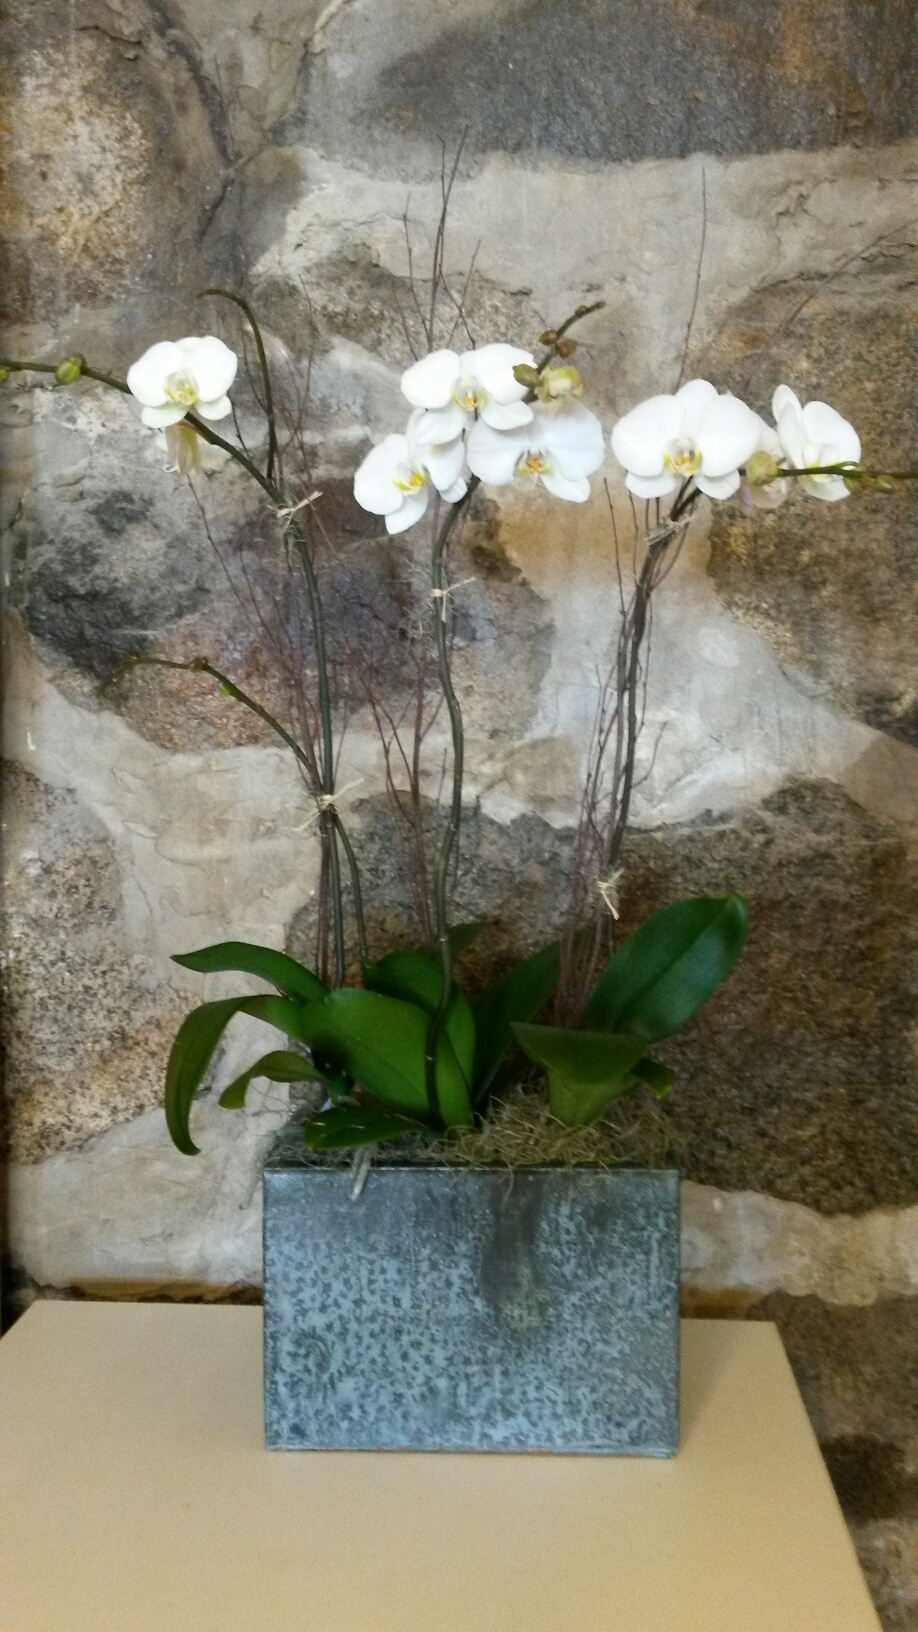 C2 $200 Triple stem orchid plant